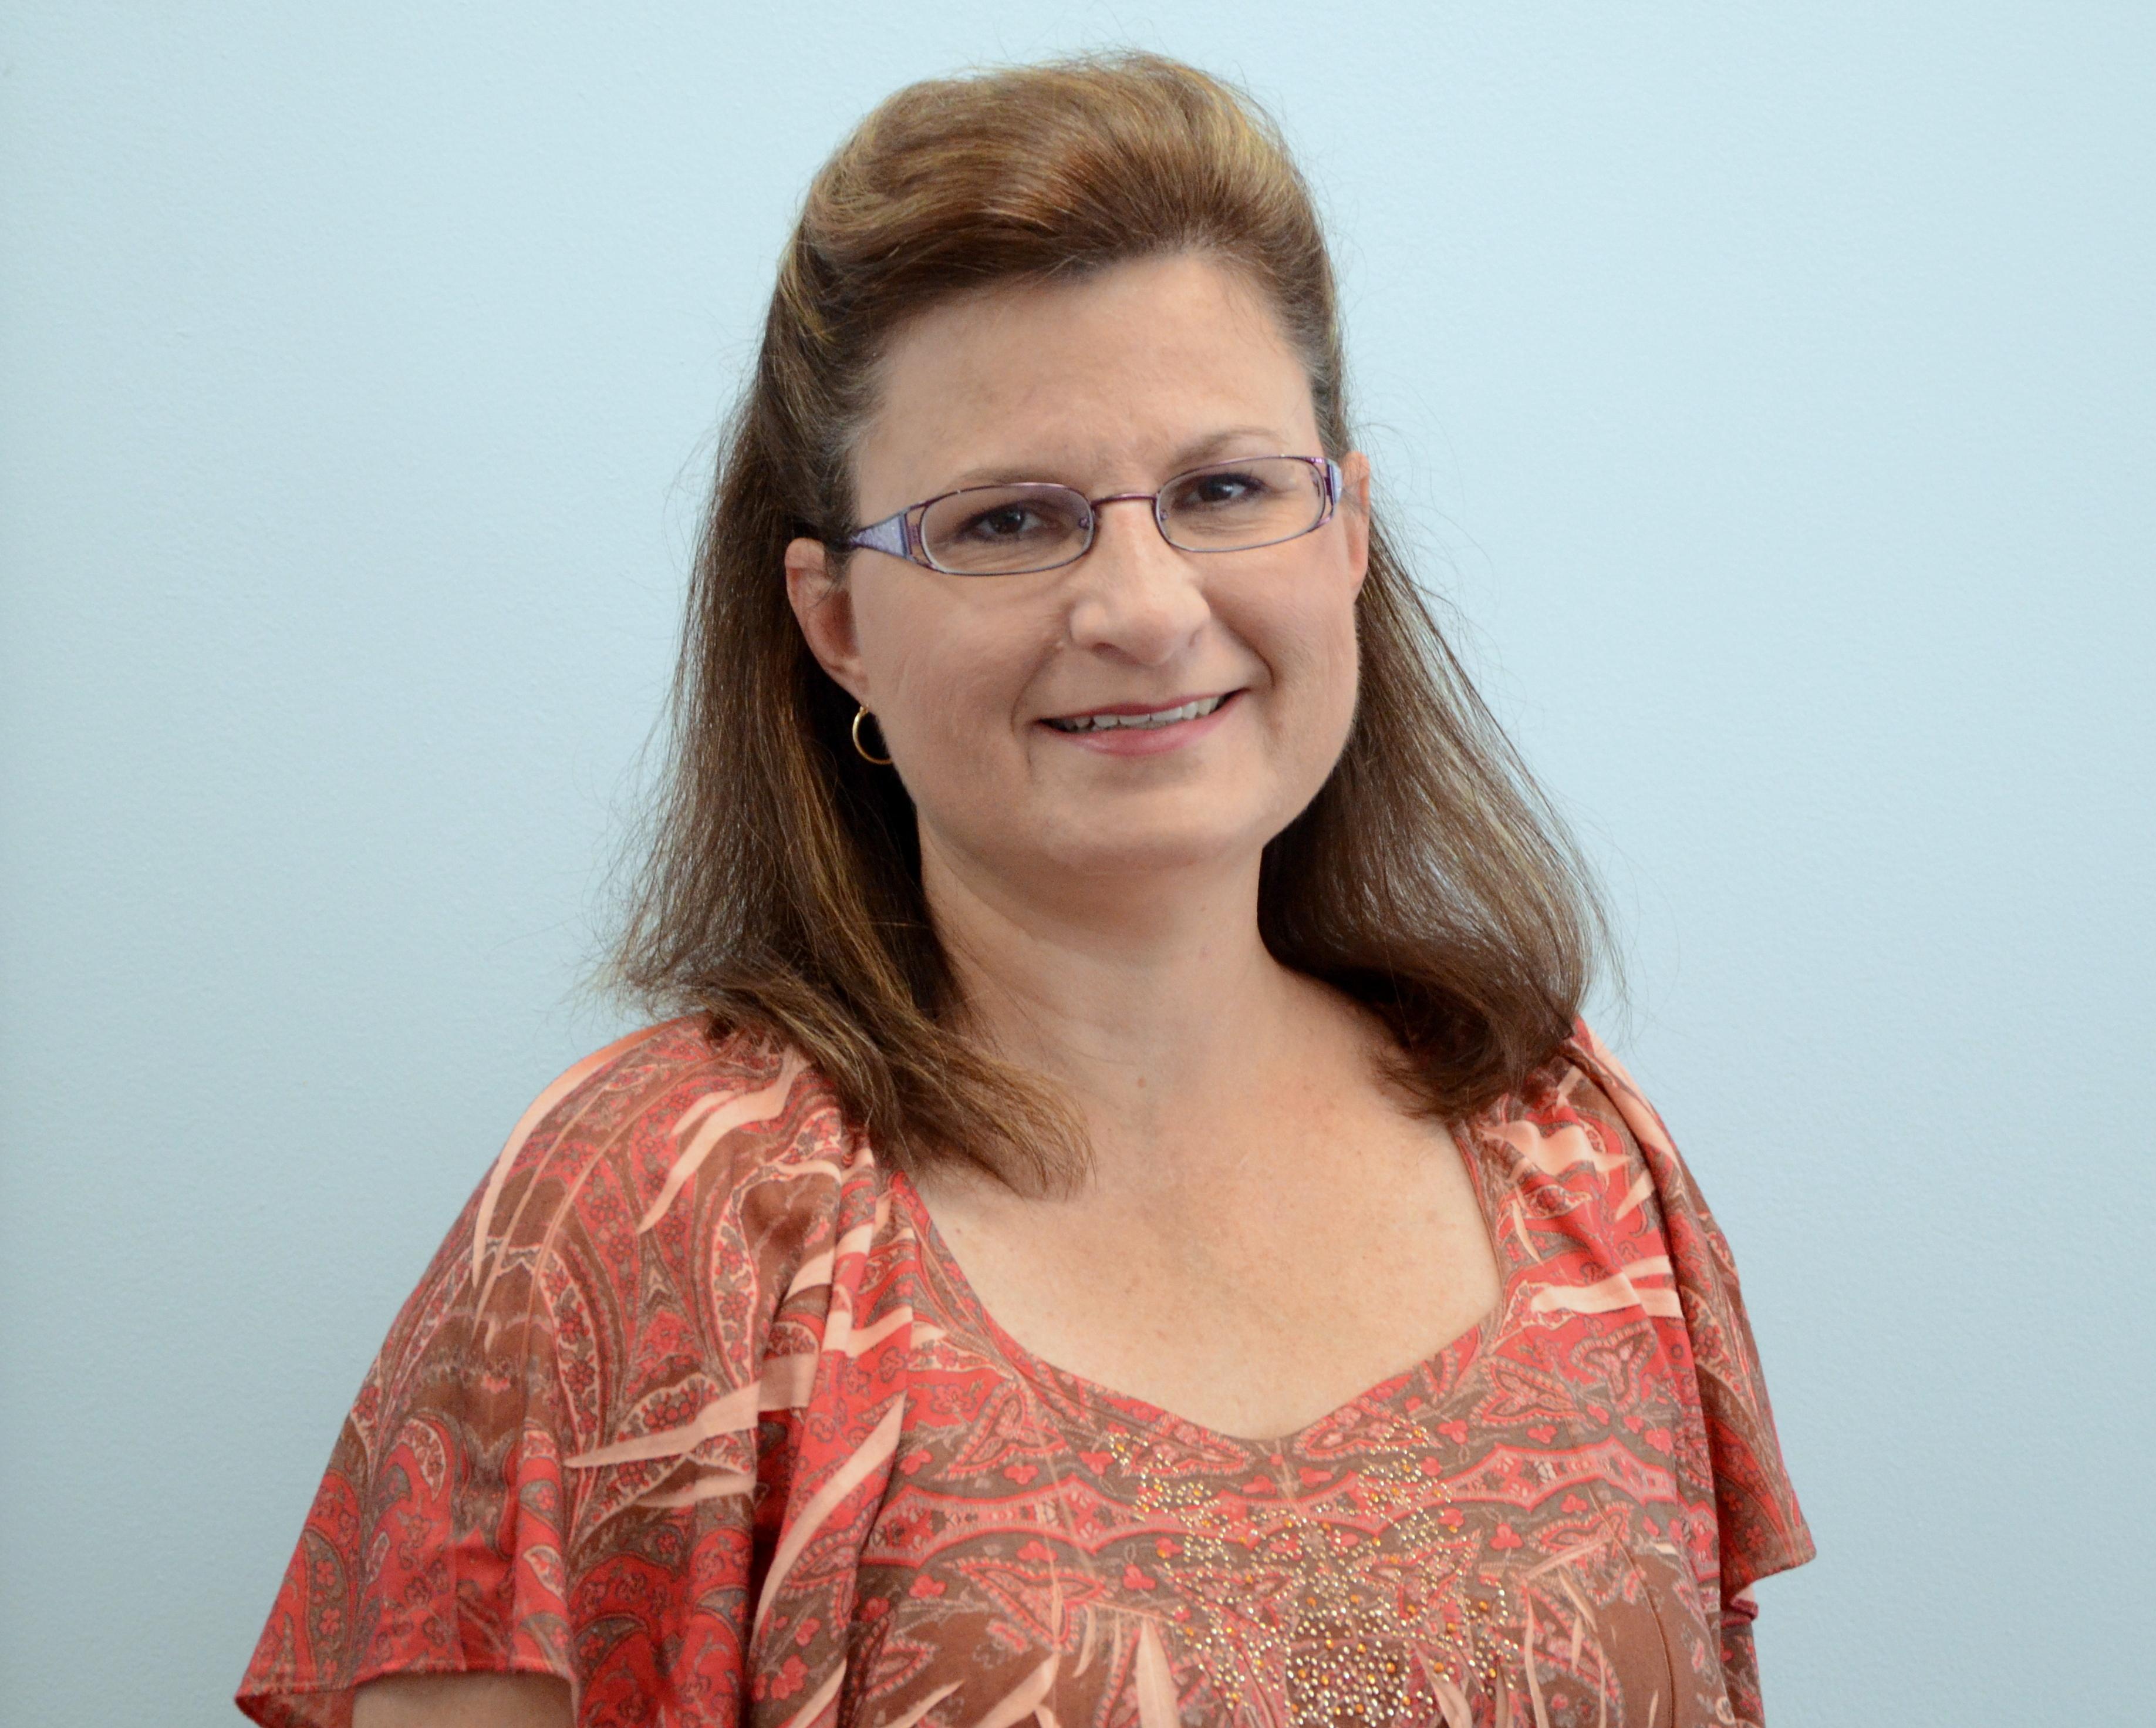 Pamela Hoyt CFO of Homeland Secure IT